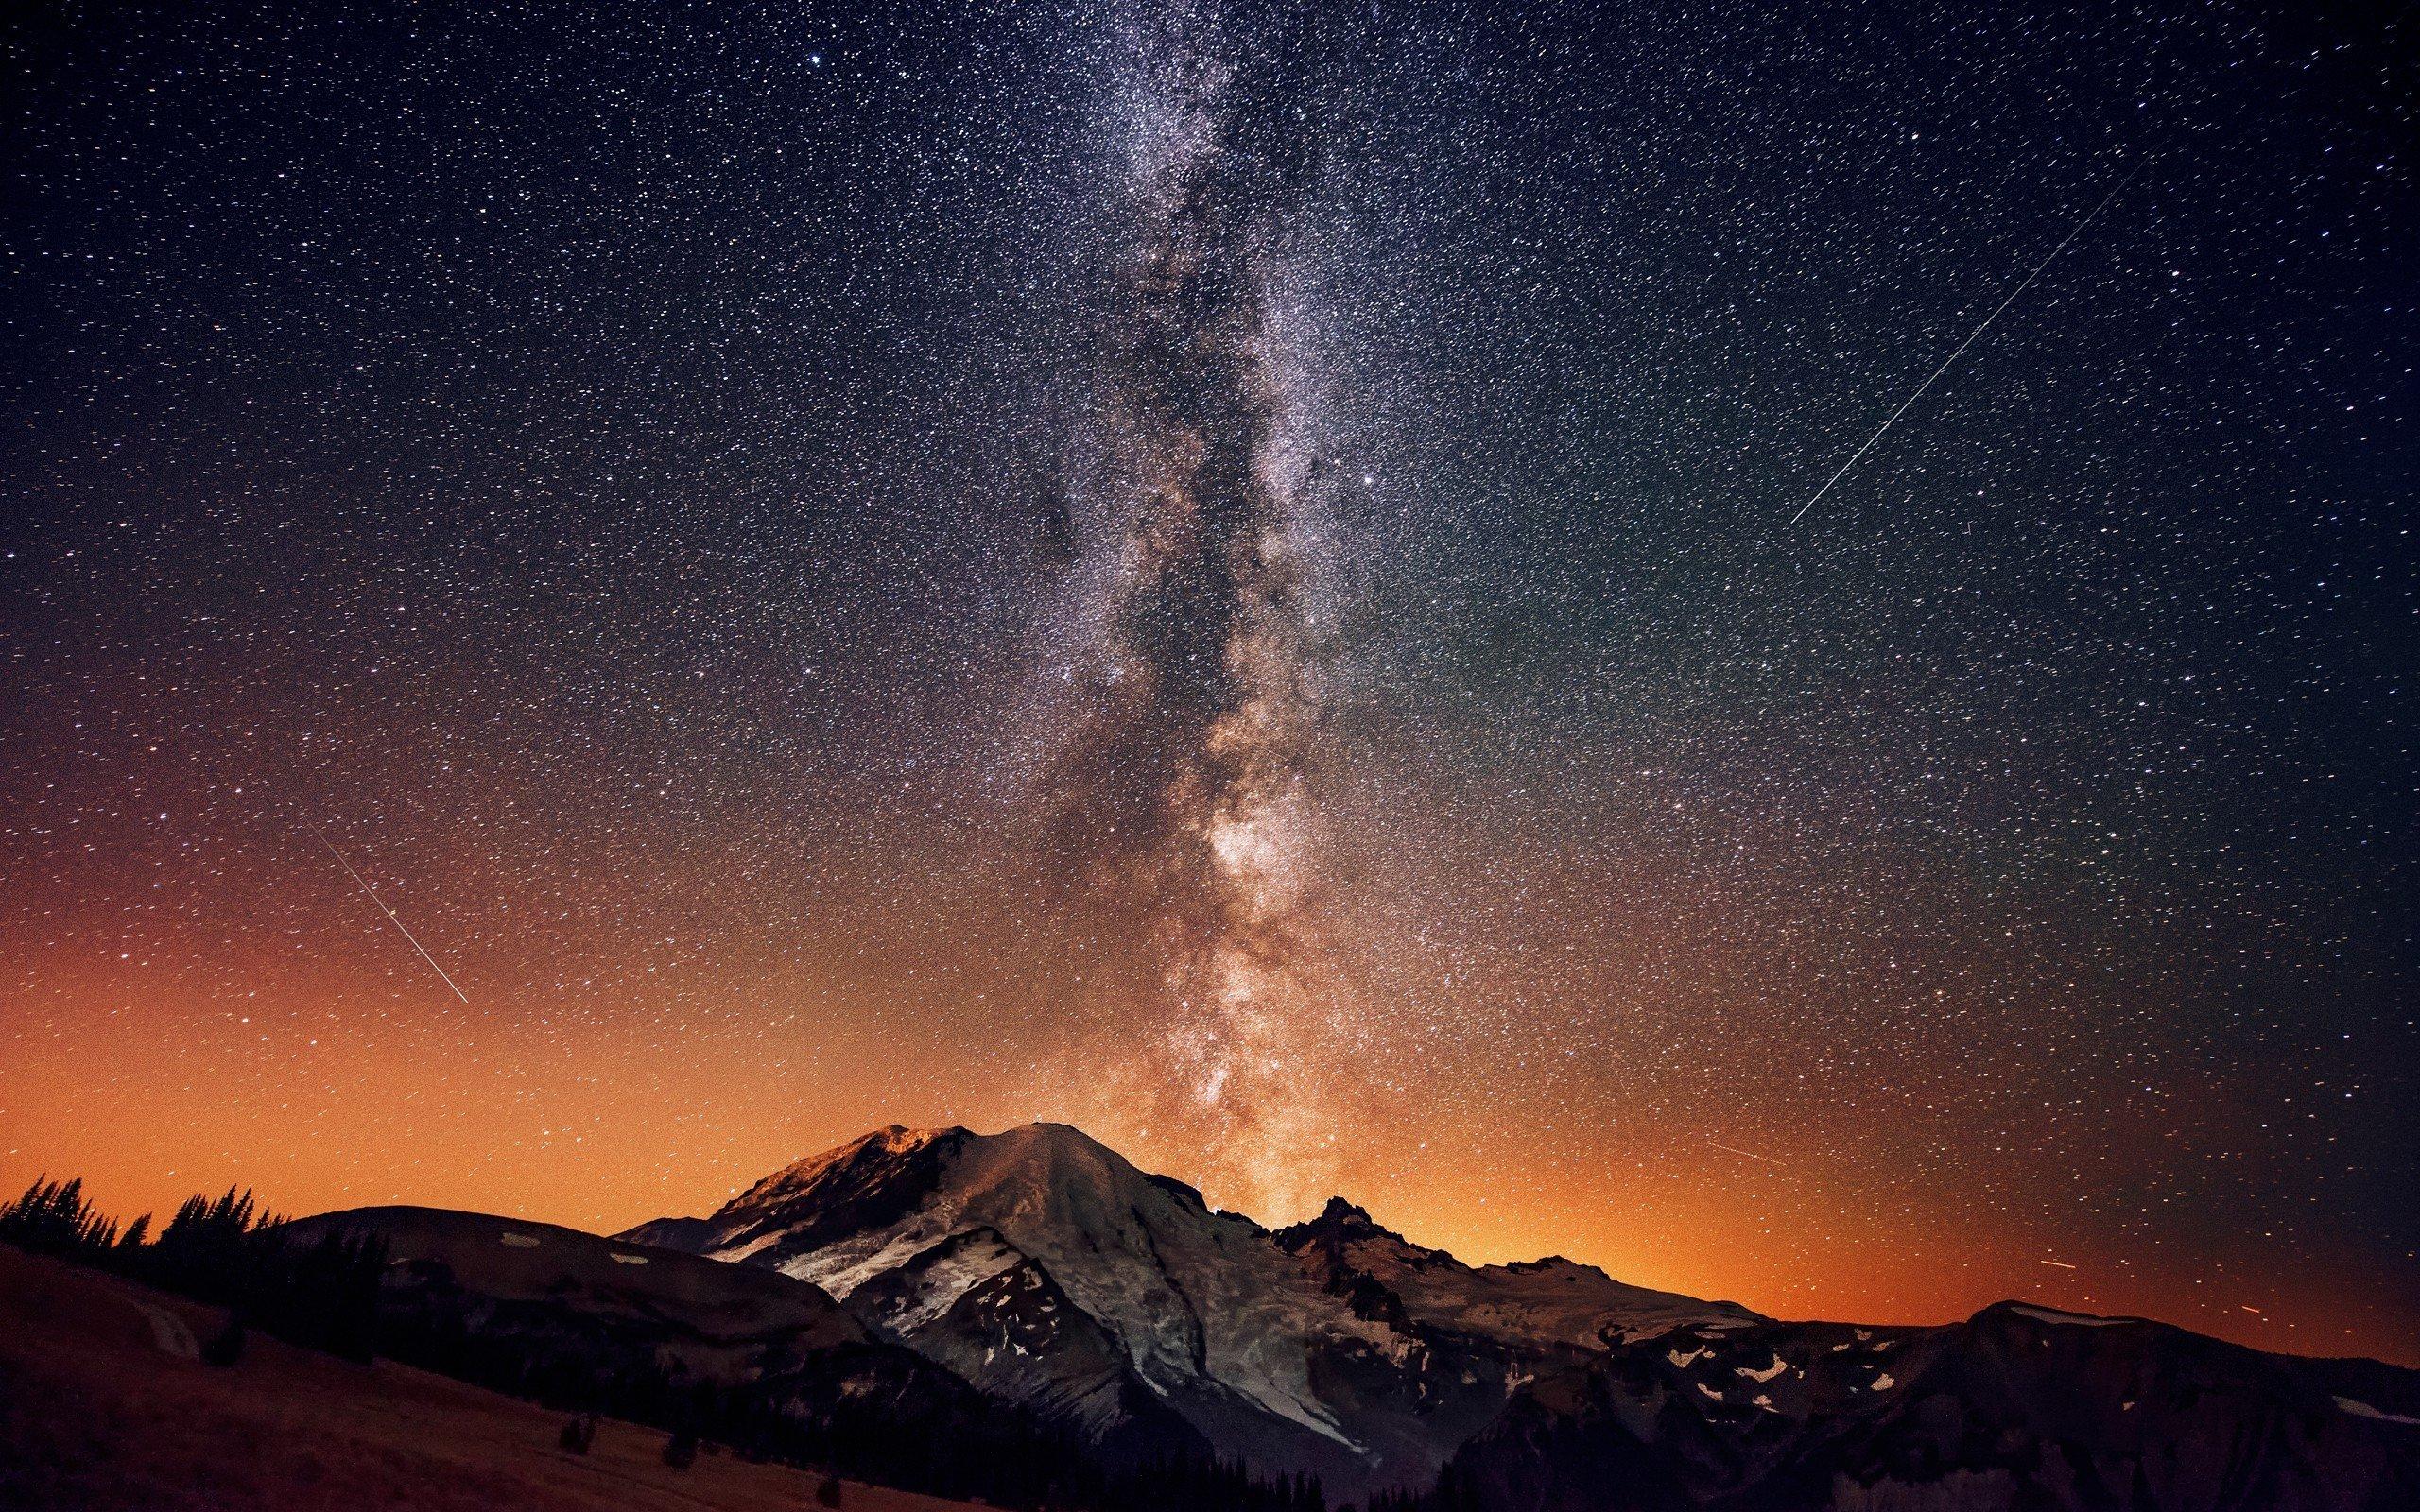 MountainNightSkyMilky Waywallpaper 2560x1600